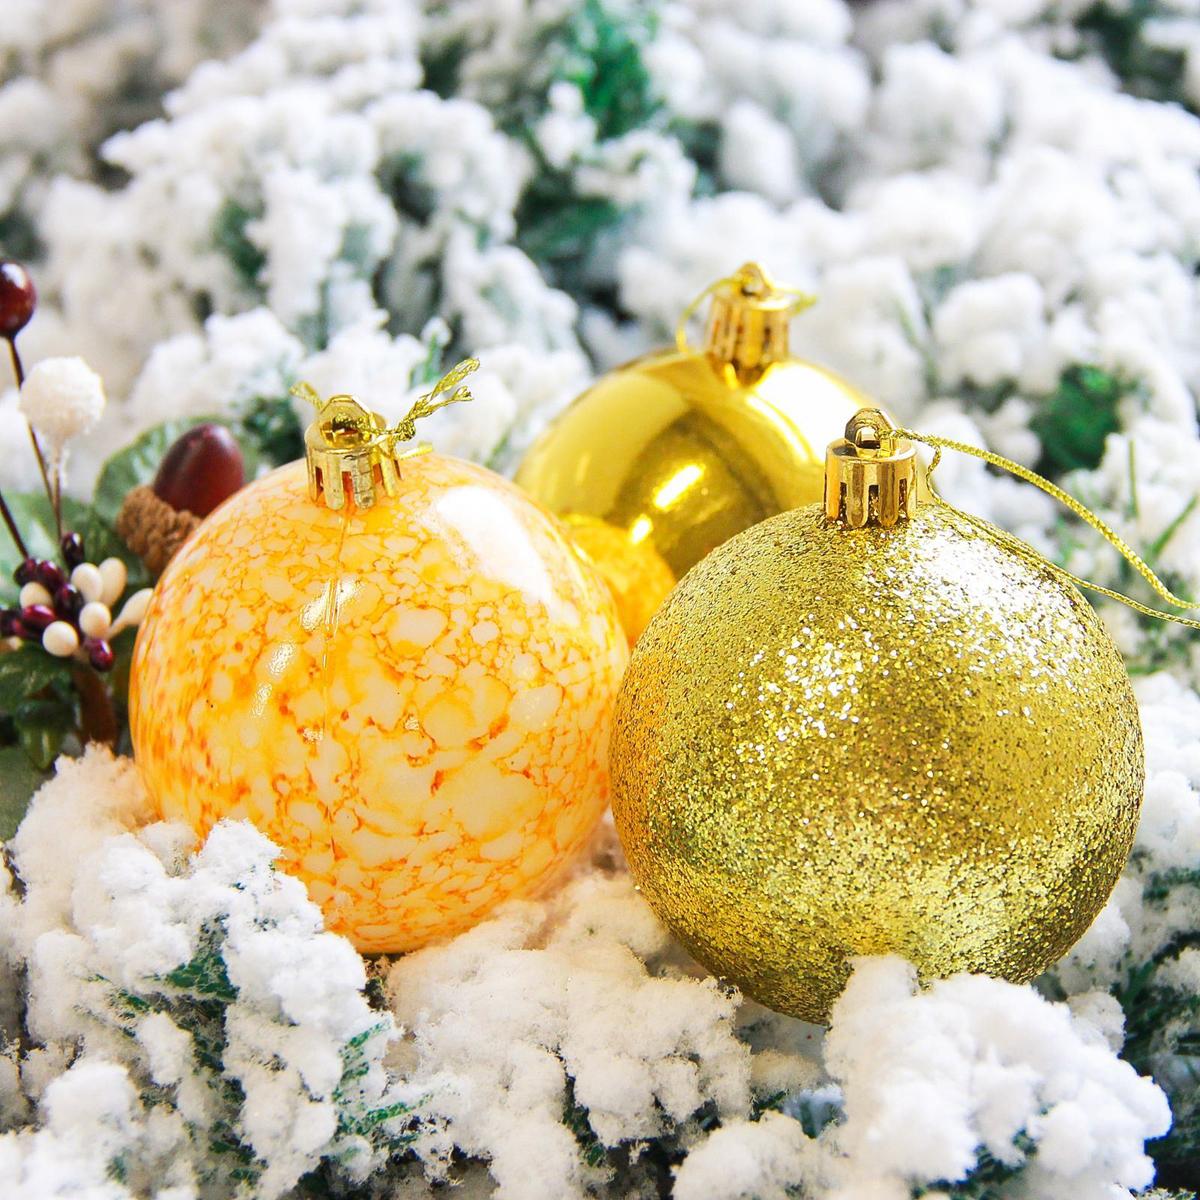 Набор новогодних подвесных украшений Sima-land Фрэско, цвет: золотистый, диаметр 7 см, 12 шт2178245Набор новогодних подвесных украшений Sima-land отлично подойдет для декорации вашего дома и новогодней ели. С помощью специальной петельки украшение можно повесить в любом понравившемся вам месте. Но, конечно, удачнее всего оно будет смотреться на праздничной елке. Елочная игрушка - символ Нового года. Она несет в себе волшебство и красоту праздника. Создайте в своем доме атмосферу веселья и радости, украшая новогоднюю елку нарядными игрушками, которые будут из года в год накапливать теплоту воспоминаний.